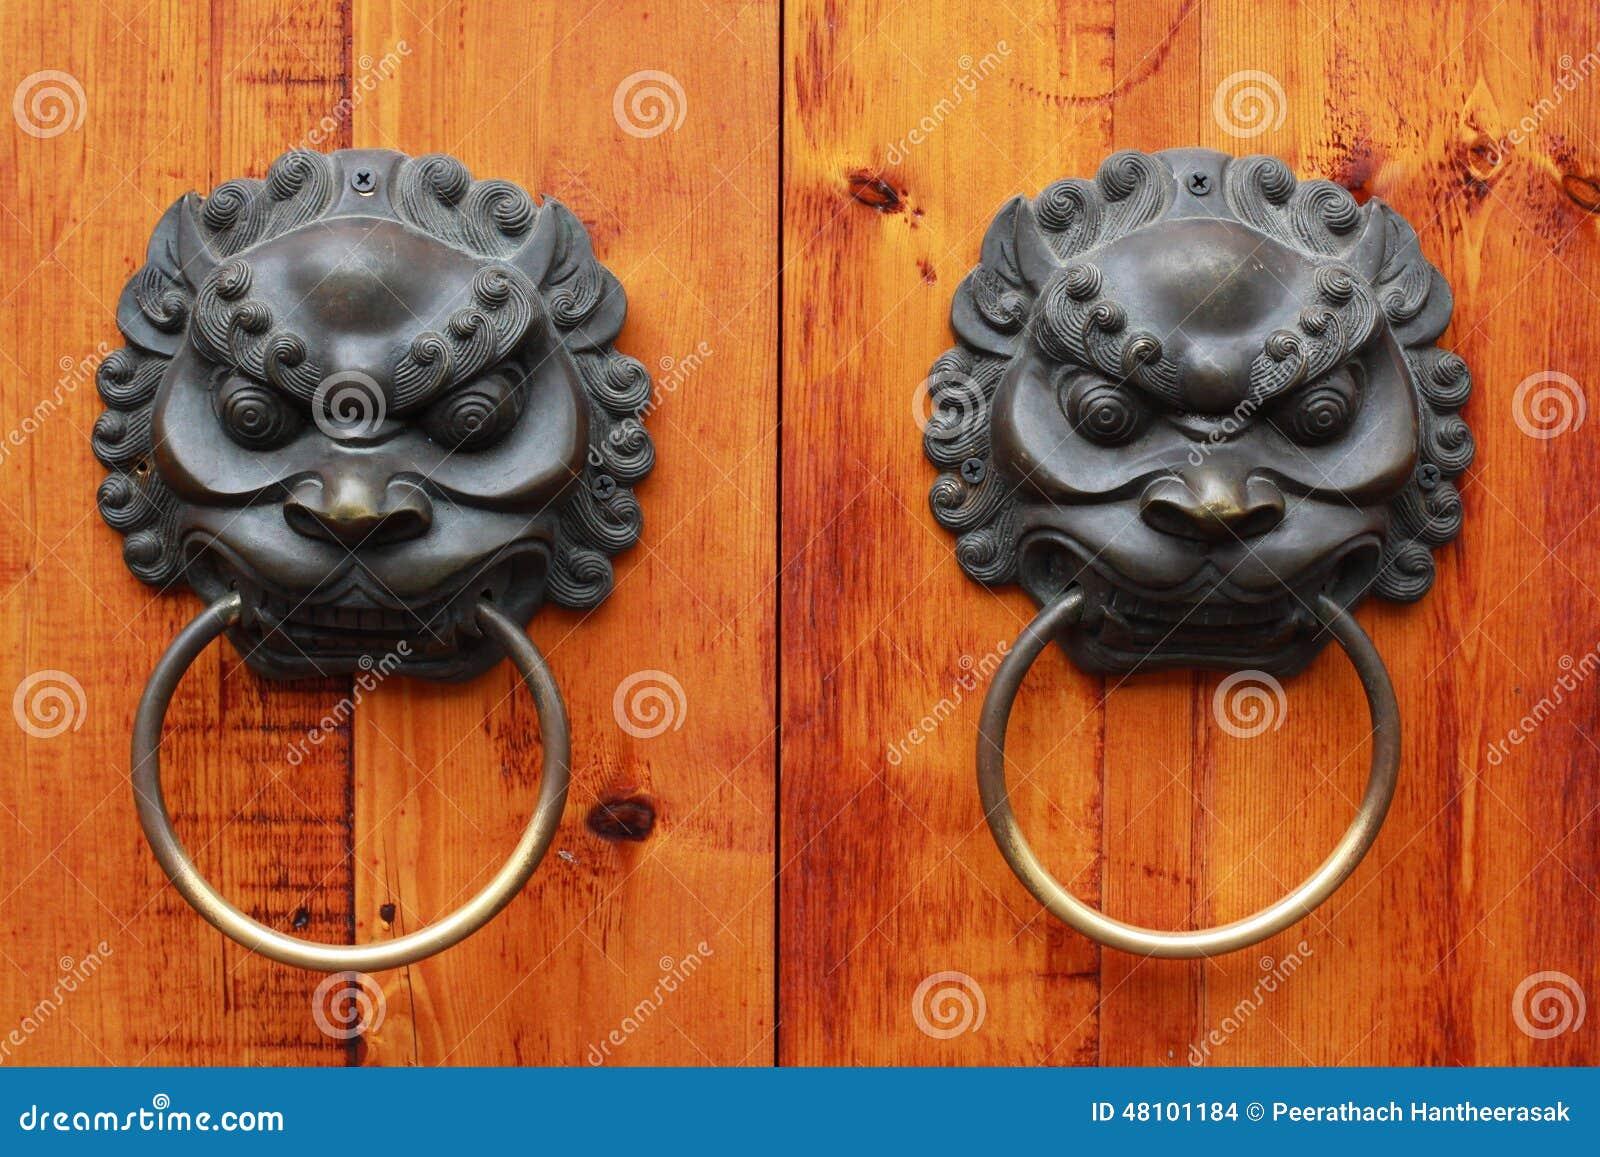 Lion Head Chinese Door Knob, Chengdu, China Stock Photo - Image ...